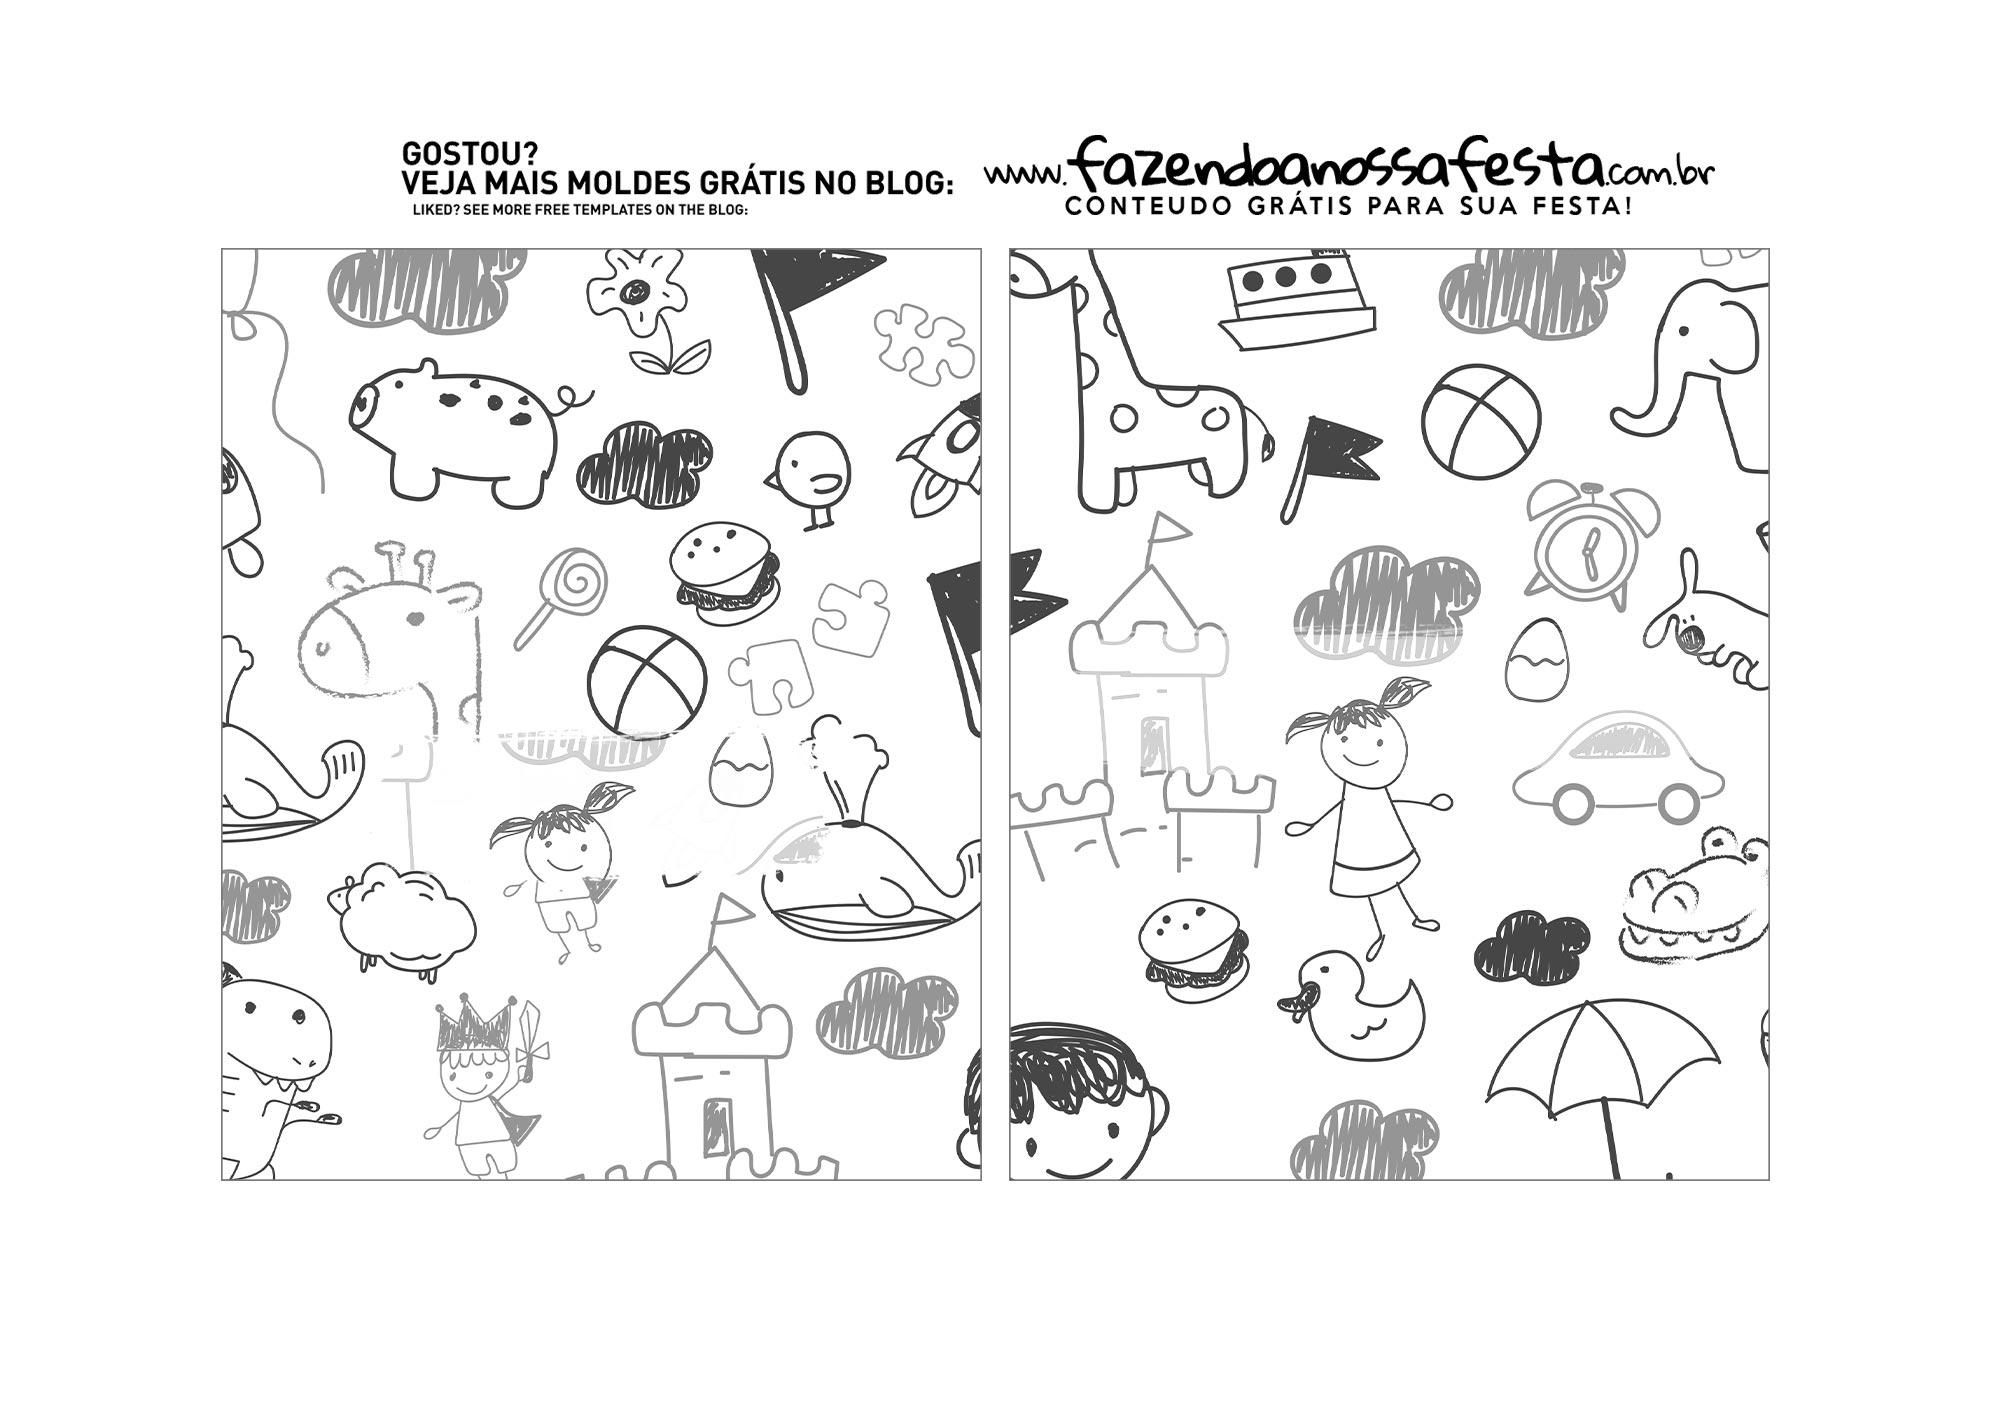 caixa confeiteiro surpresa dia das criancas Abas Pequenas Internas Parte 5